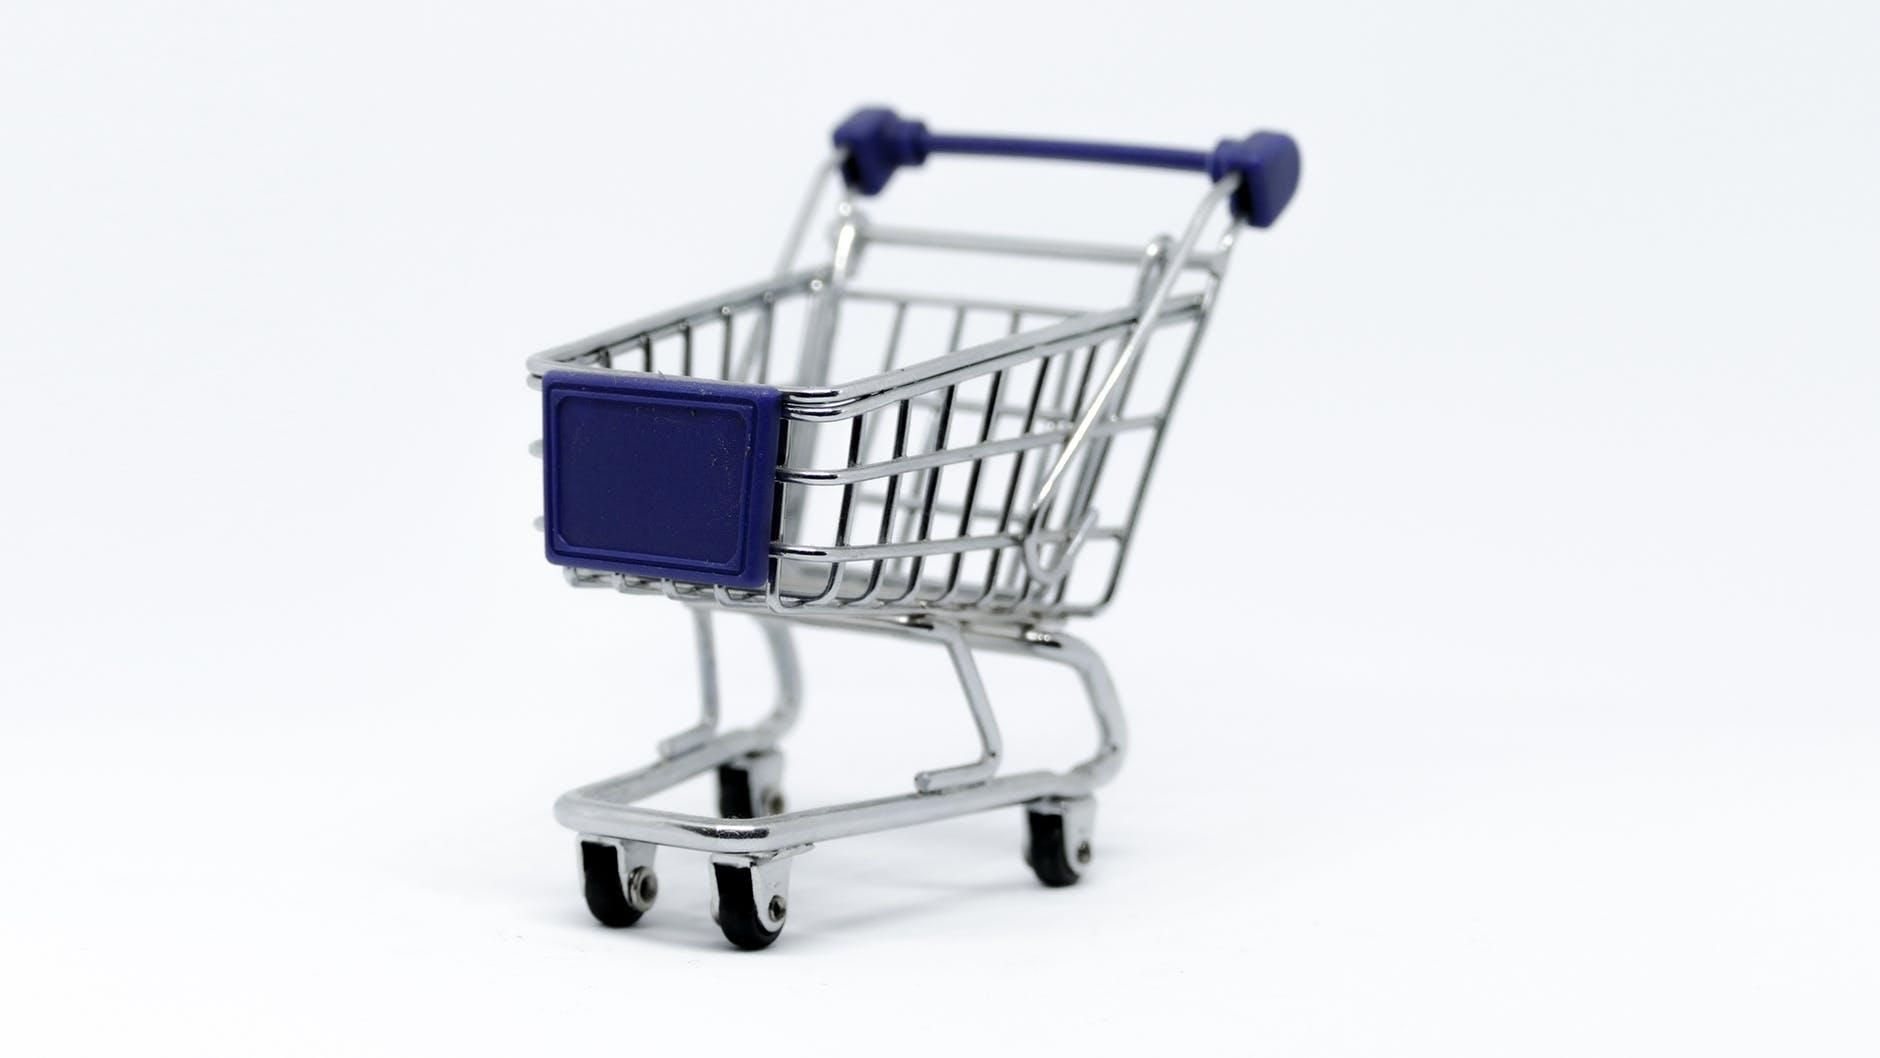 كيف تختار منصة التجارة الإلكترونية الأنسب لمتجرك؟